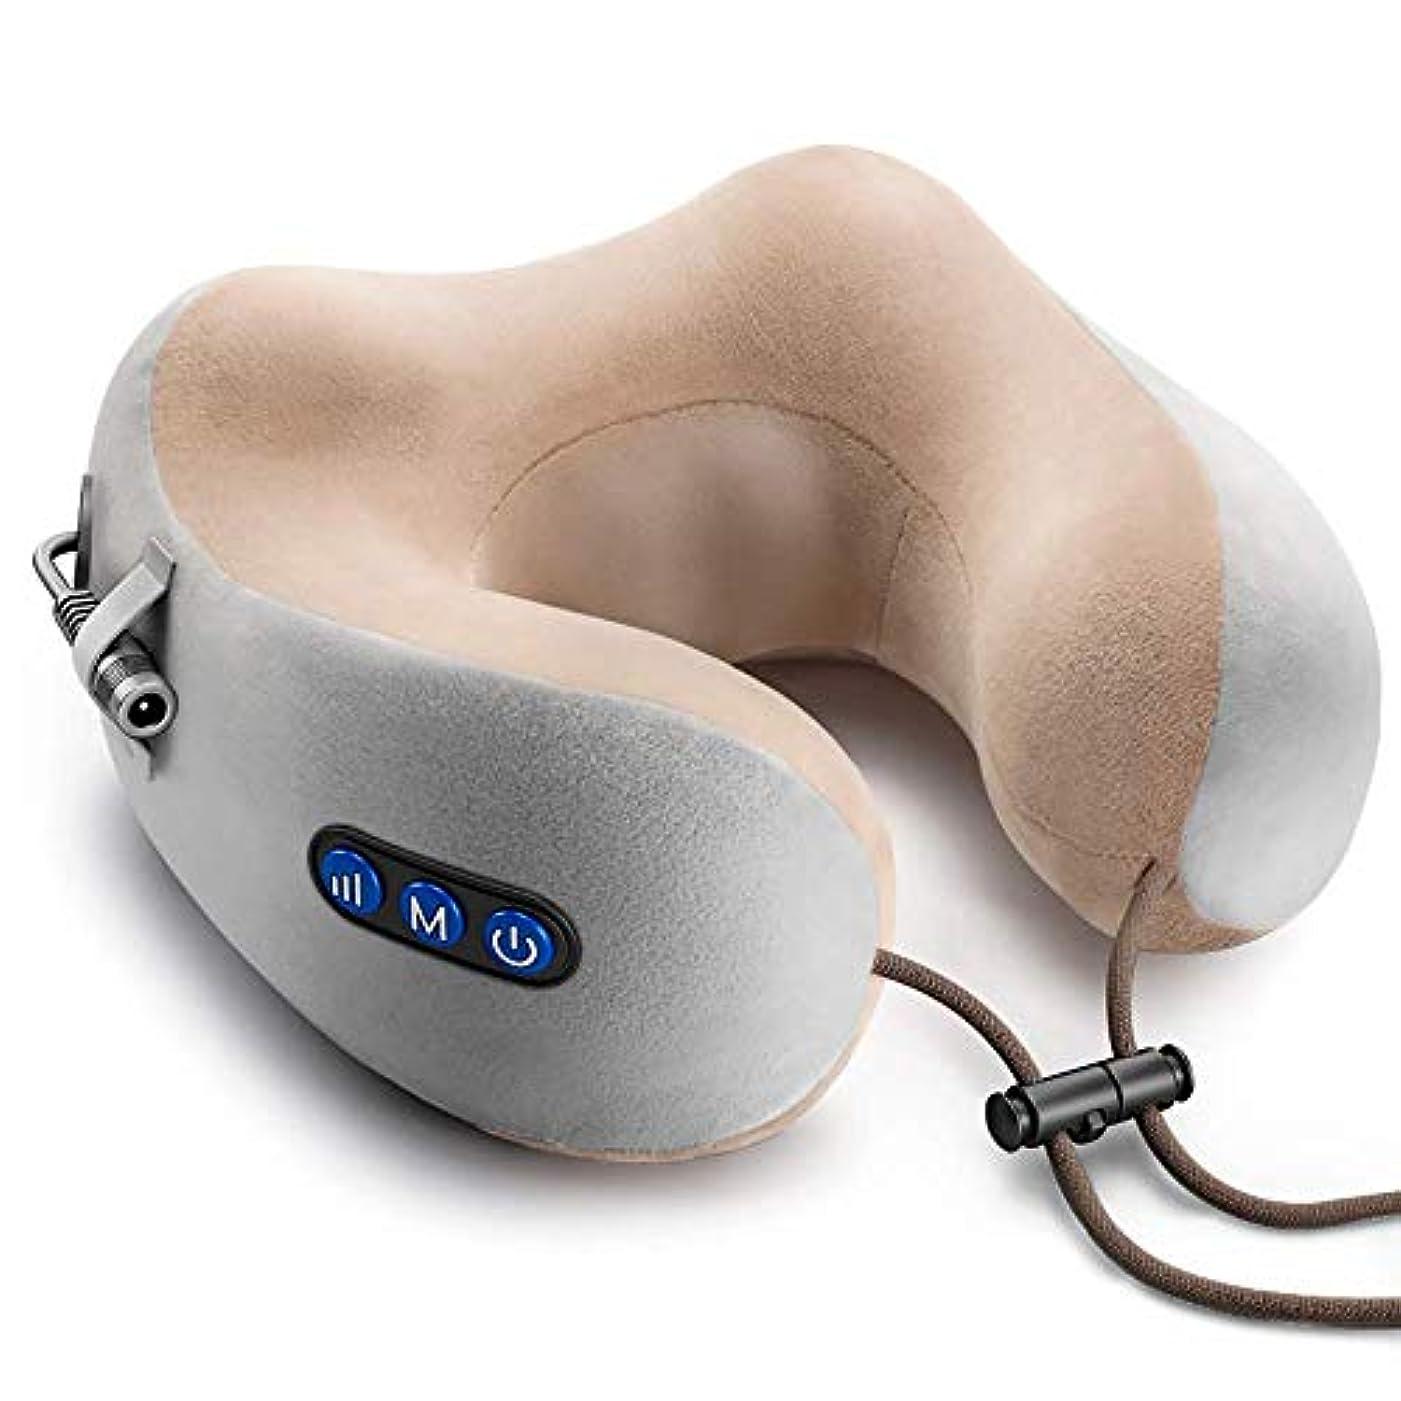 抽象同情かき混ぜる【父の日】Starmory U型 首マッサージャー USB充電式 マッサージ枕 ネックマッサージ 多機能ピロー マッサージ器 三つのモード マッサージ 人間工学設計 疲れ解消 睡眠を促進 家庭用/職場用/旅行 日本語取扱説明書付